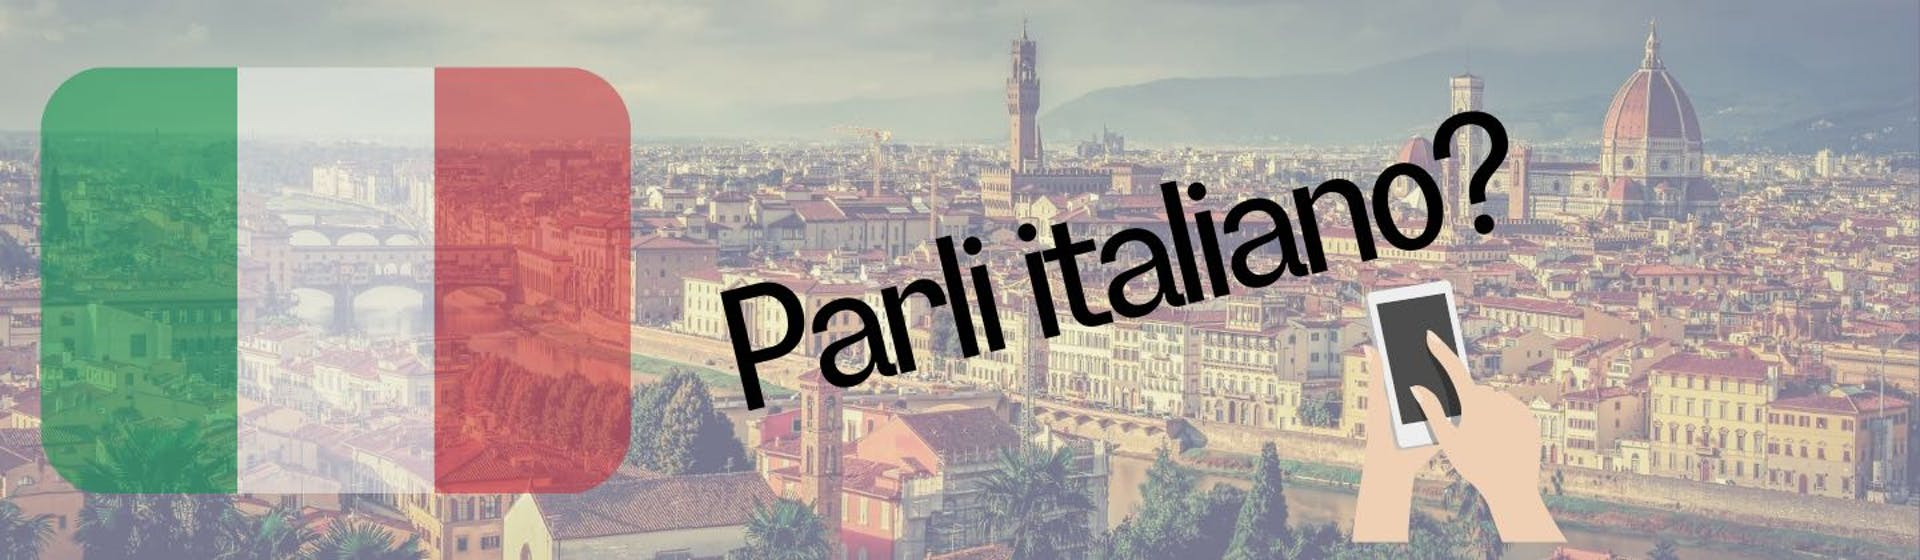 ¿Cómo aprender italiano? 9 aplicaciones que te harán decir, ¡'la vita è bella'!